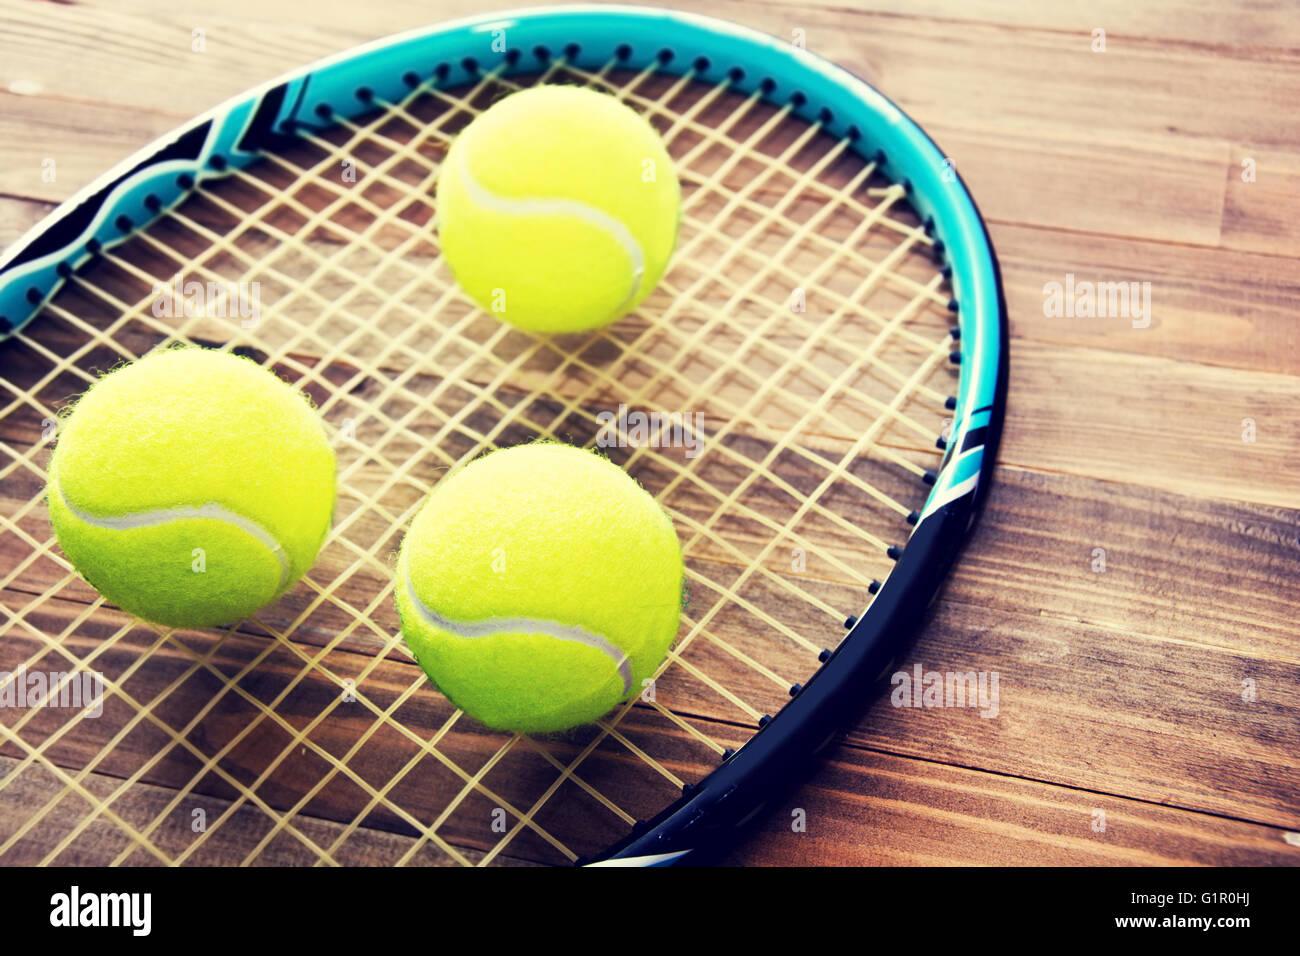 Tennis-Spiel. Tennisball auf hölzernen Hintergrund. Vintage Retro-Bild. Stockbild